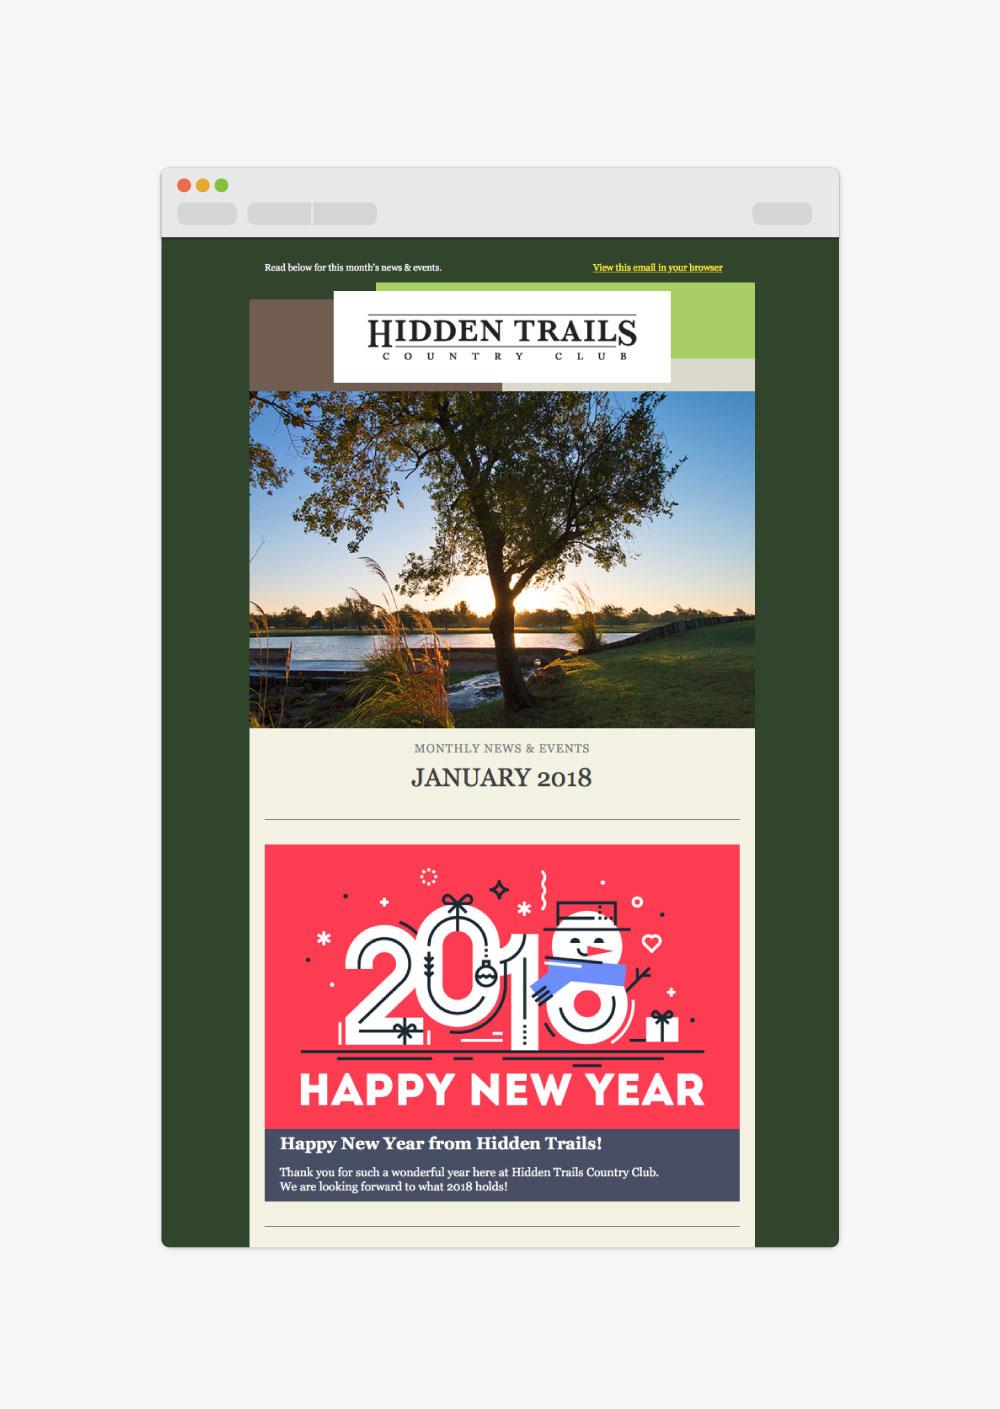 Hidden Trails Holiday Logos